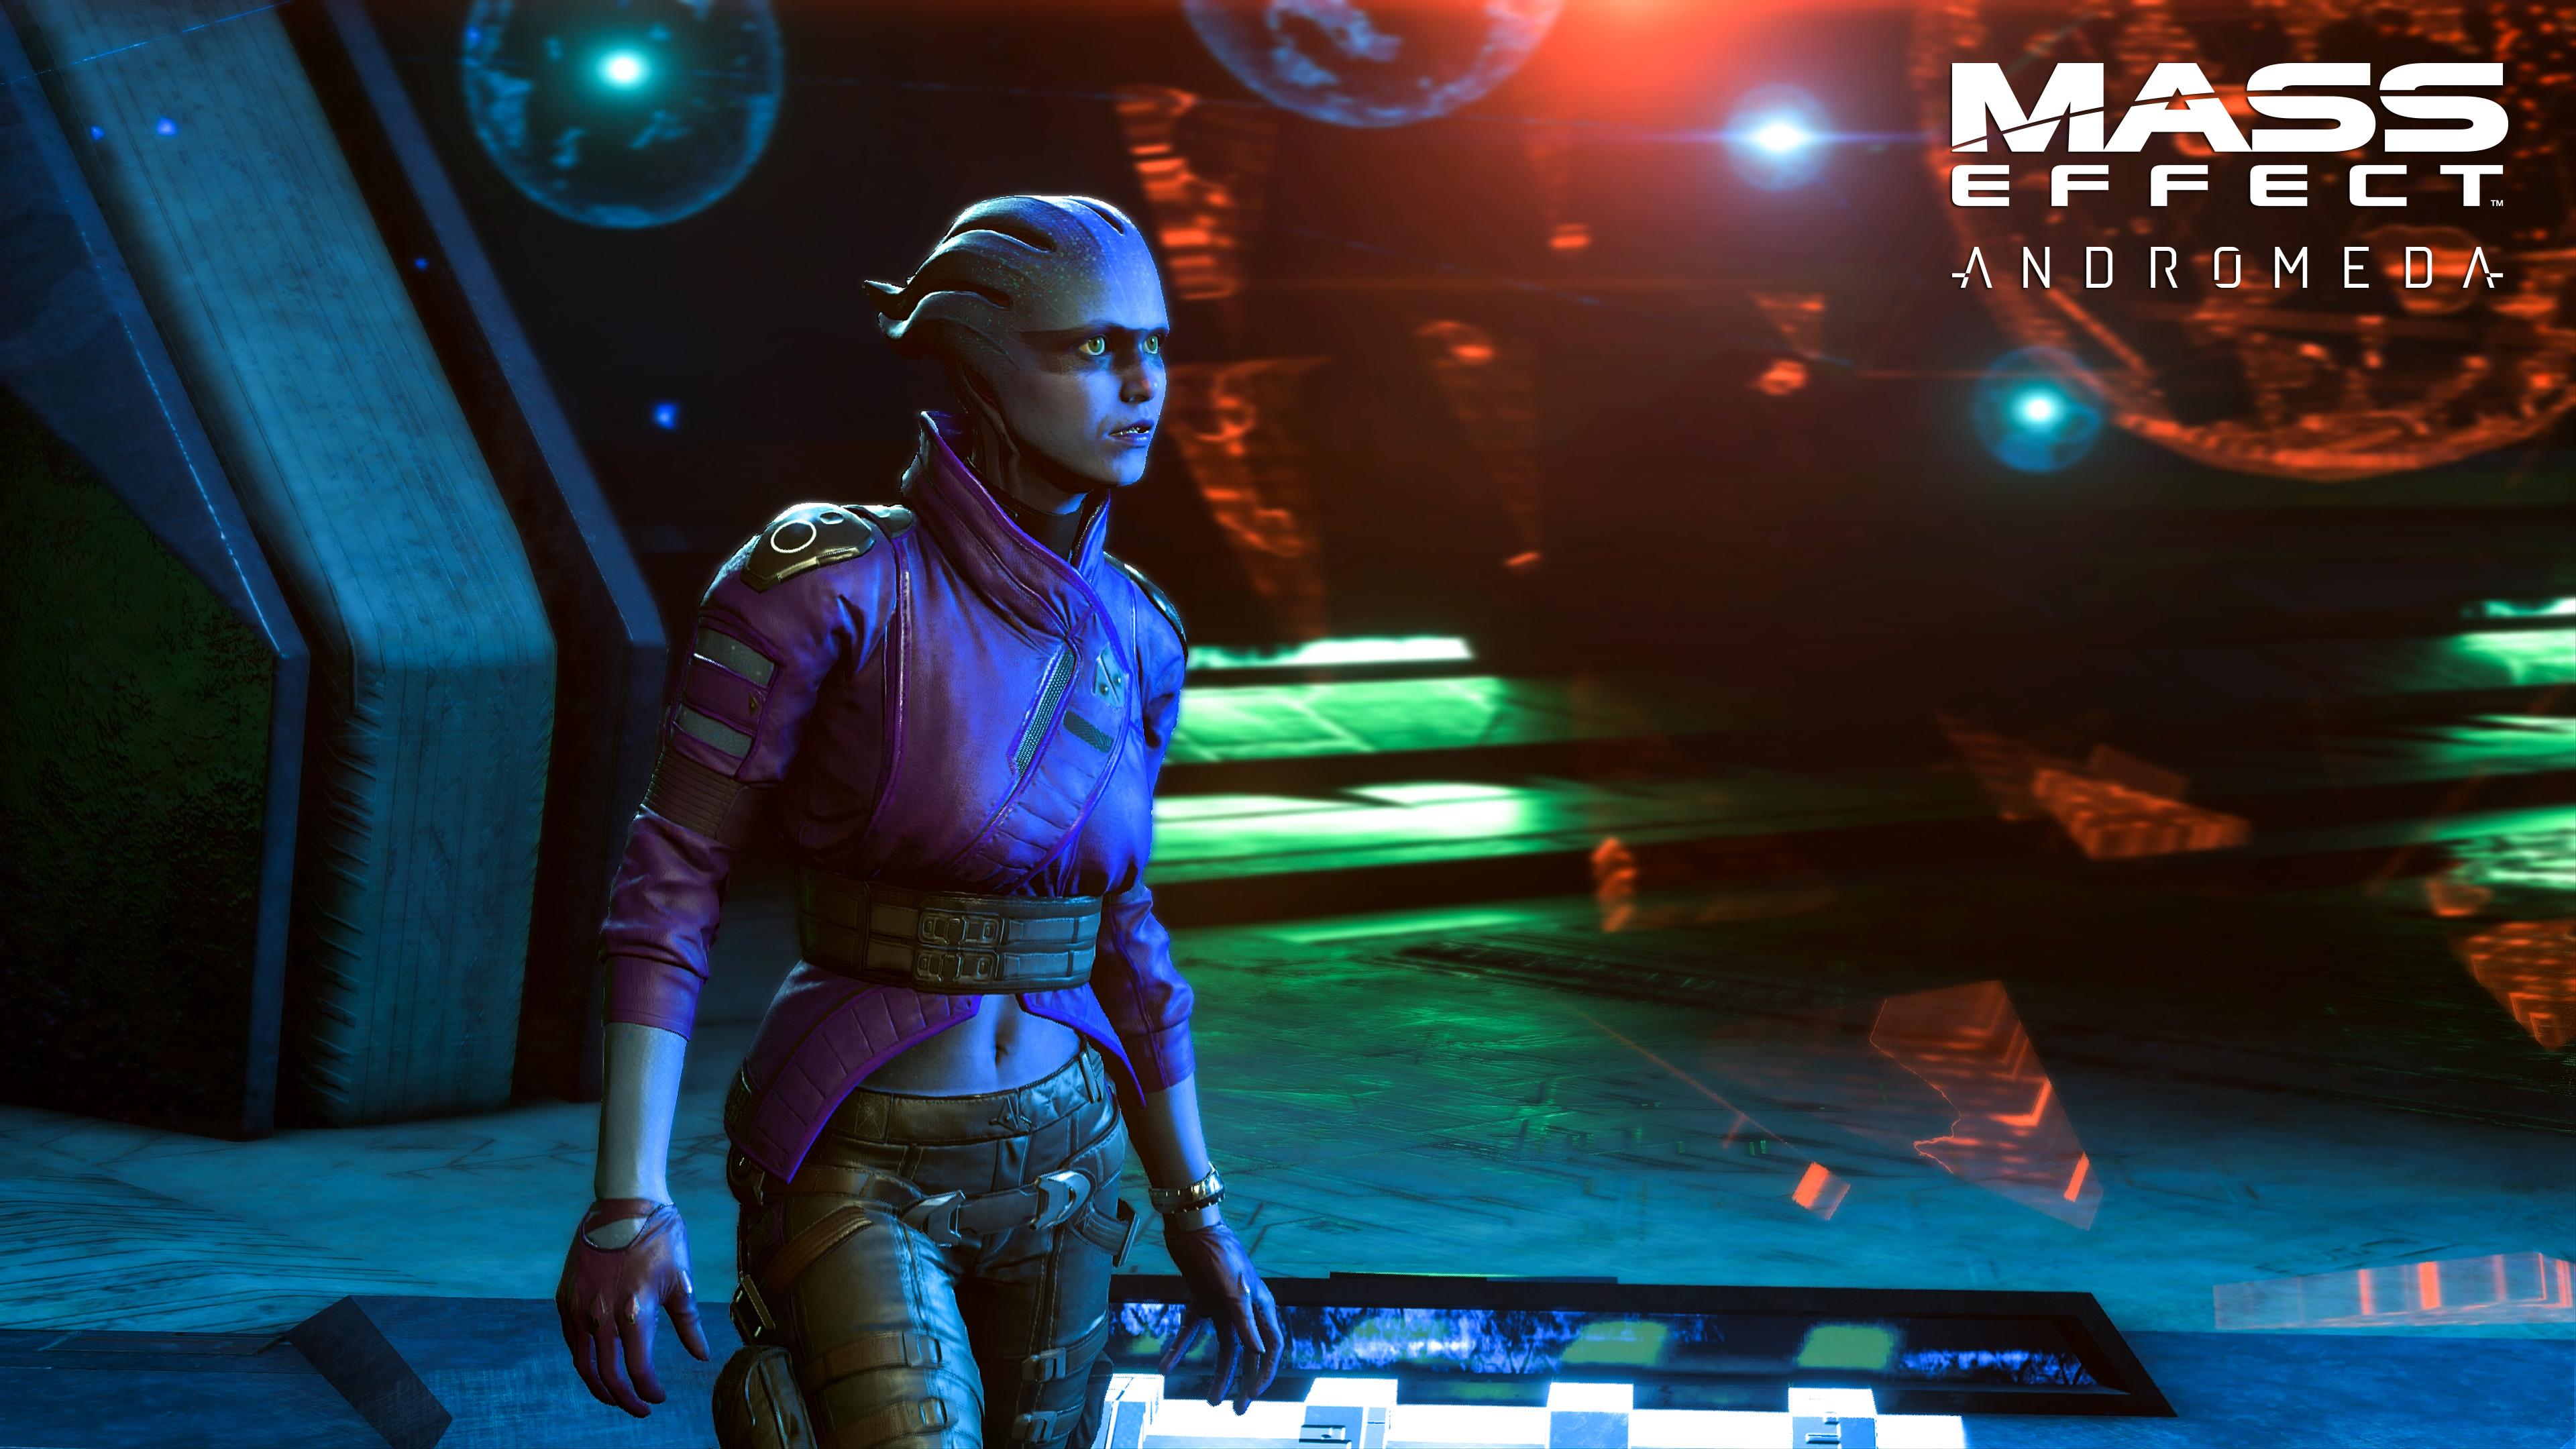 Czy nasi towarzysze będą równie bohaterscy jak ci, którzy walczyli u boku Sheparda?